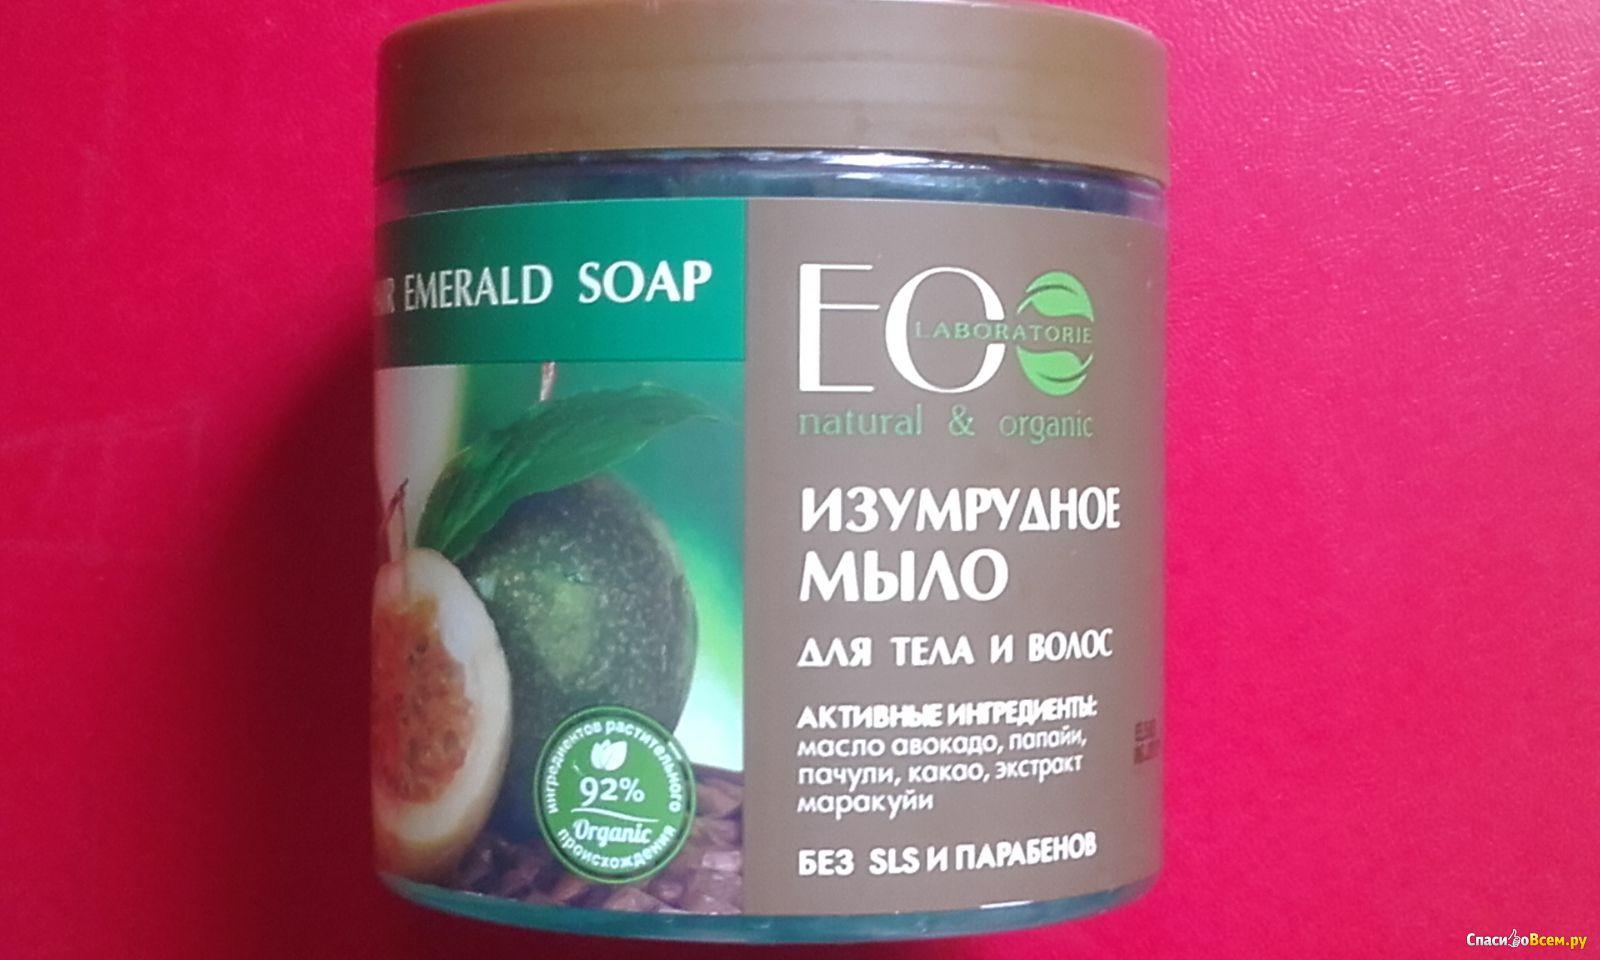 Мыло для тела и волос эколаб отзывы